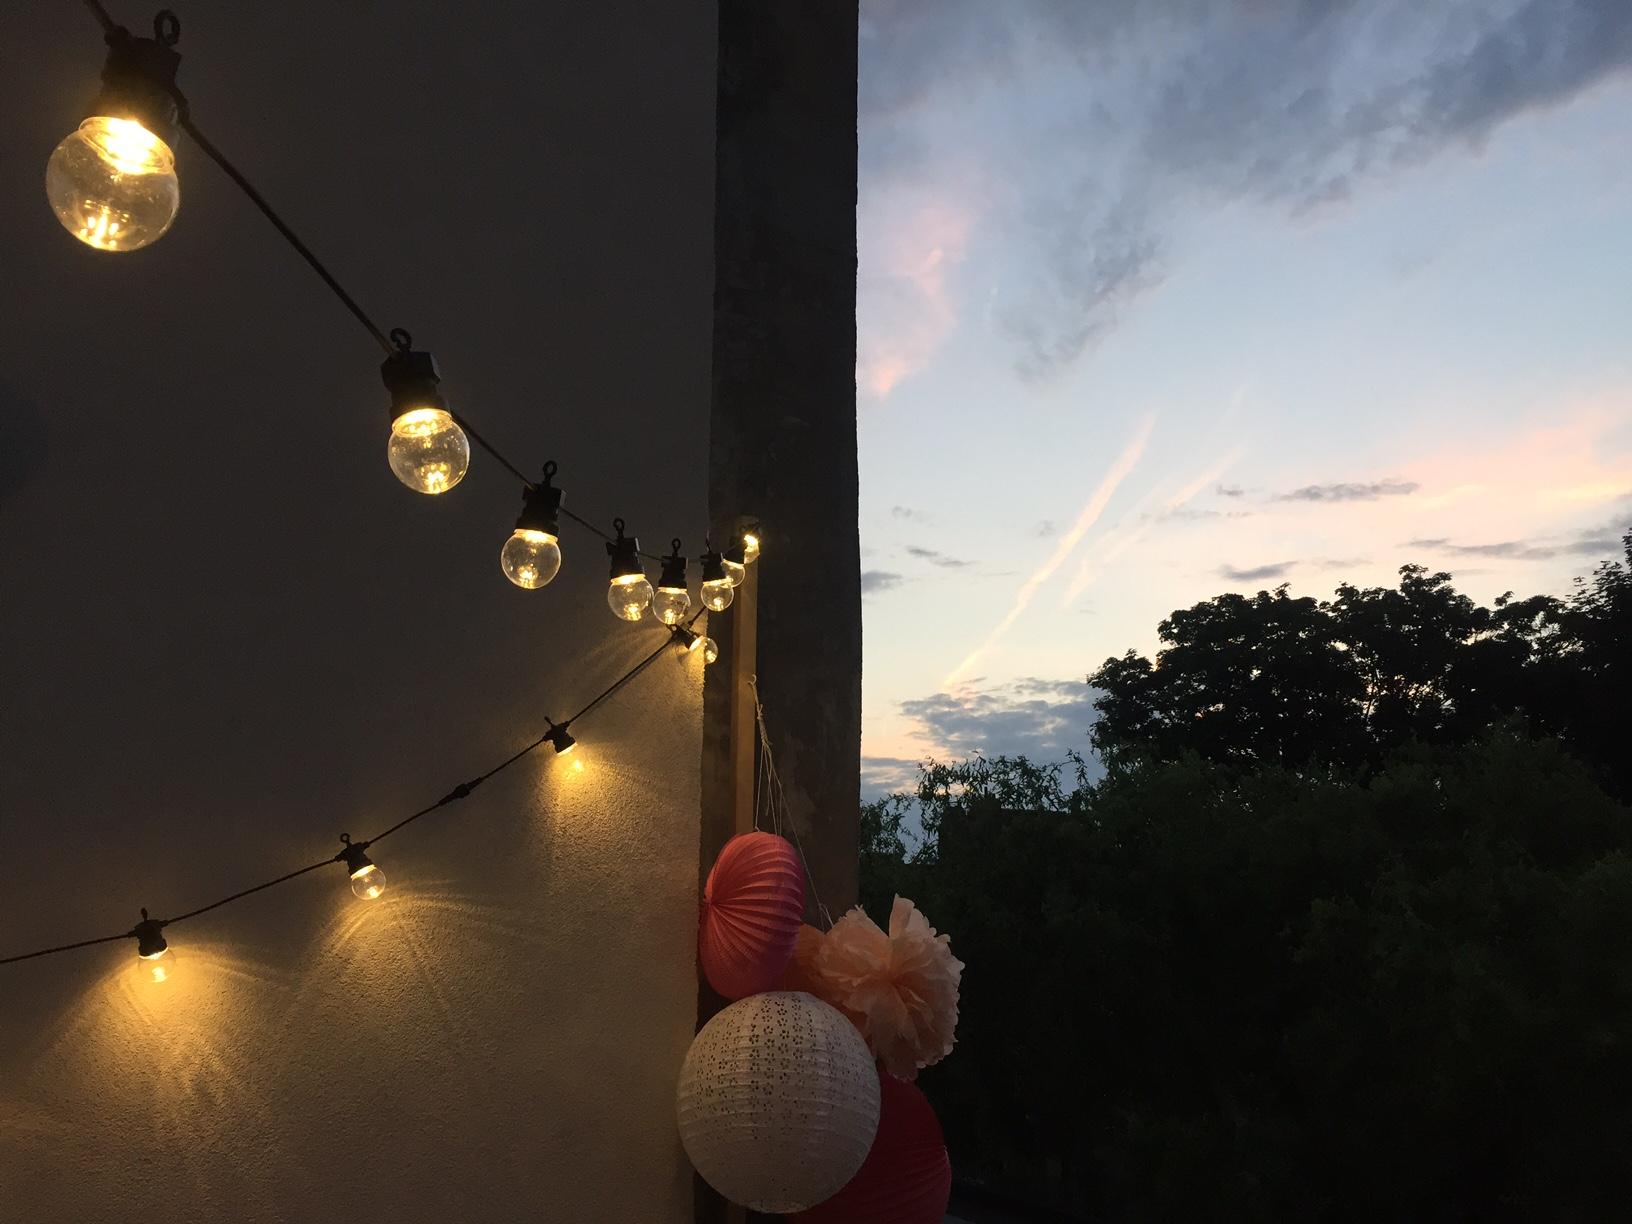 deco-de-fete-boheme-outdoor-exterieur-pierre-papier-ciseaux-skylantern-guinguette